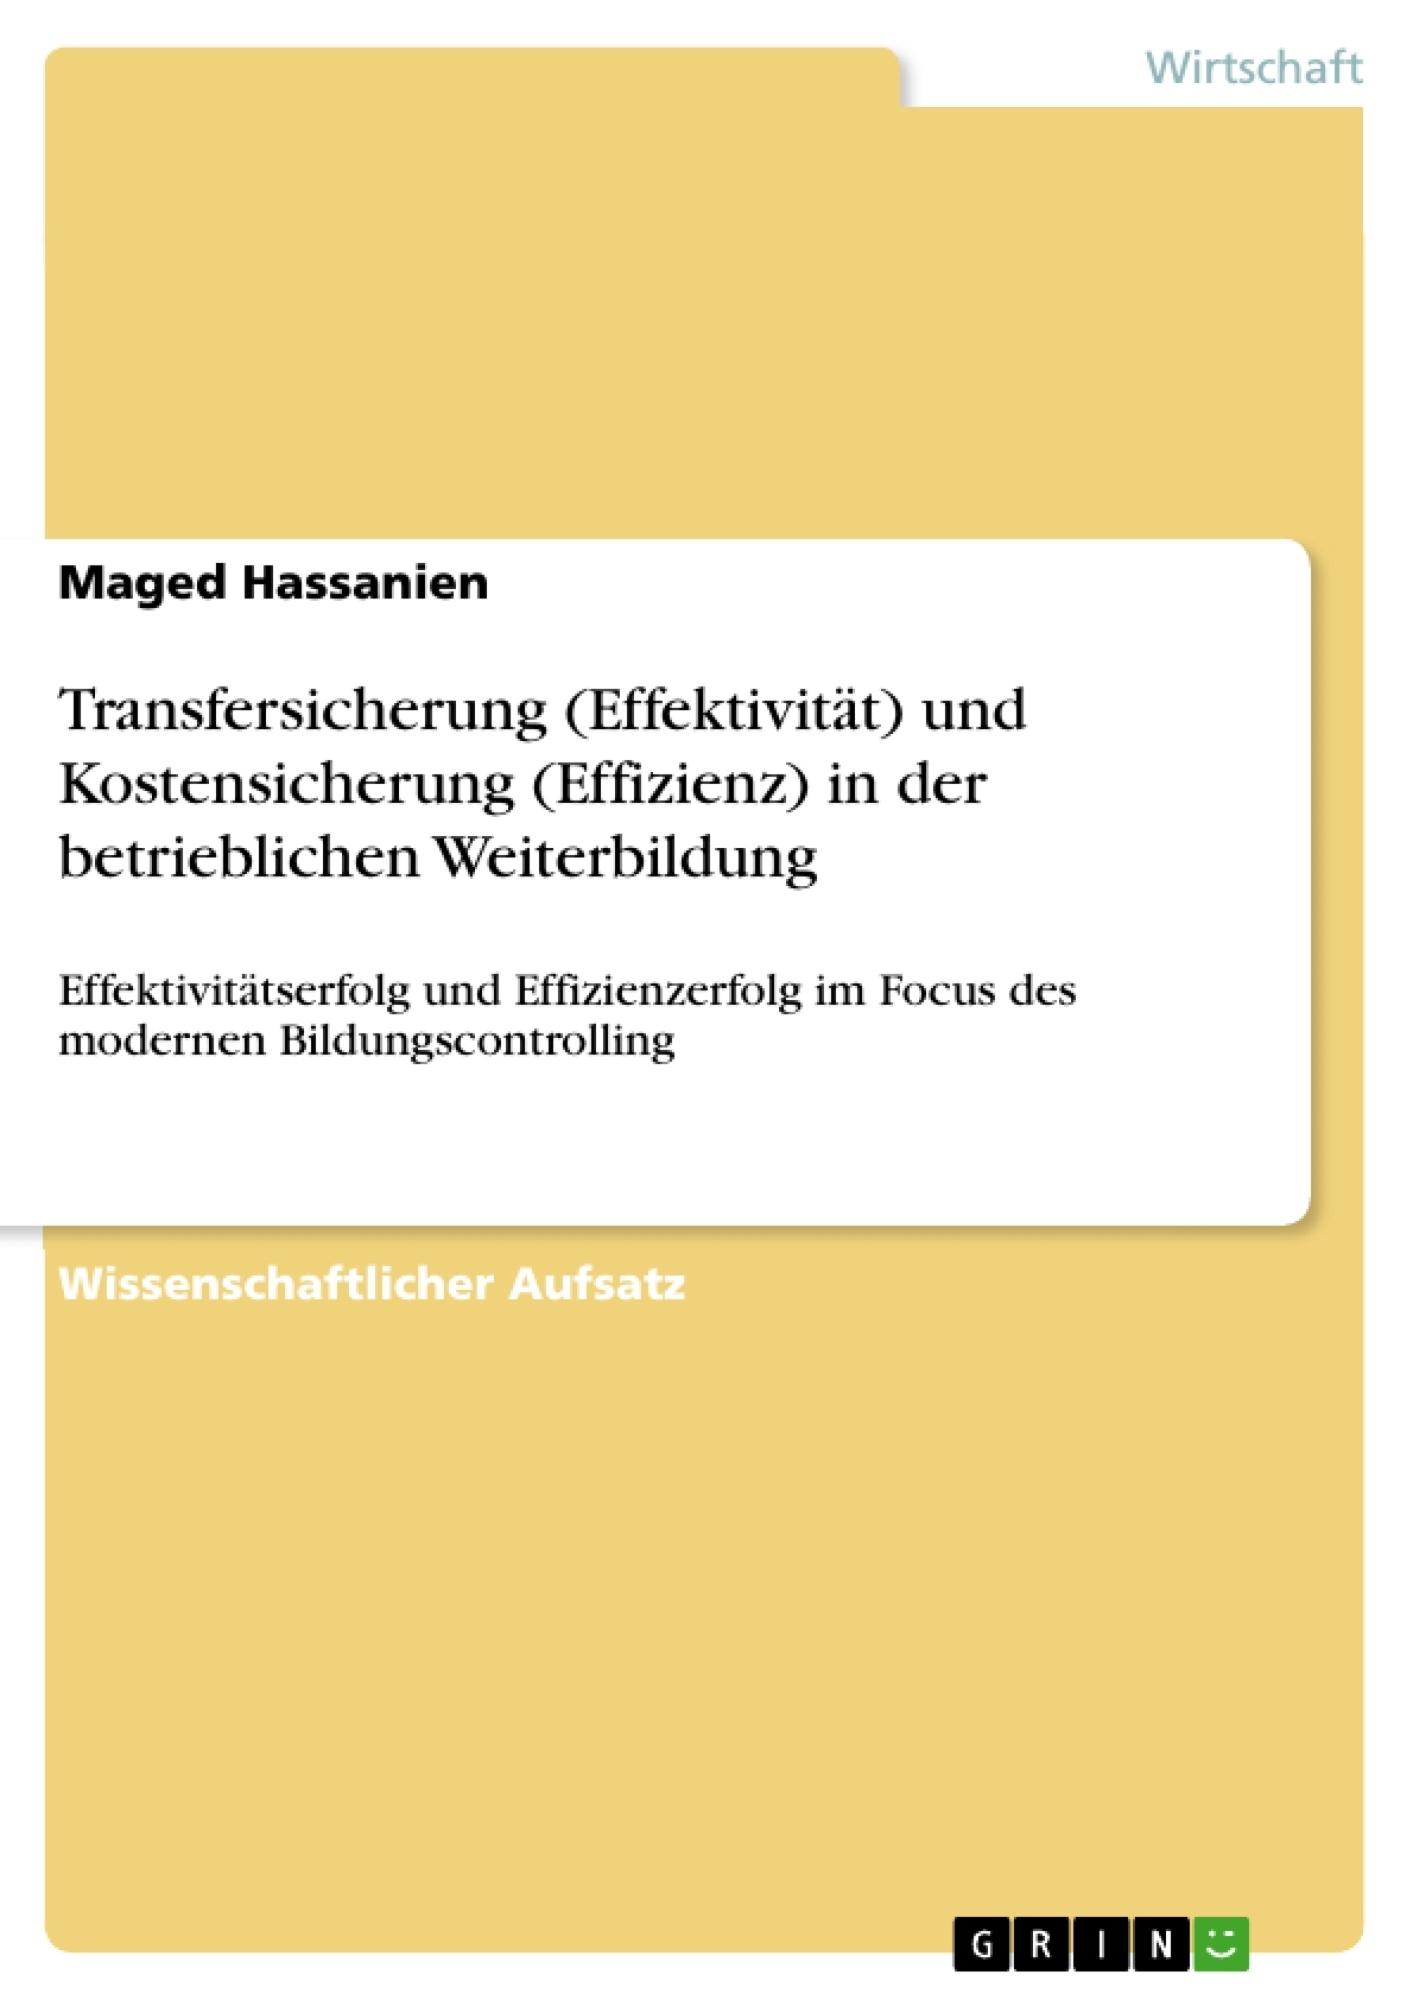 Titel: Transfersicherung (Effektivität) und Kostensicherung (Effizienz) in der betrieblichen Weiterbildung